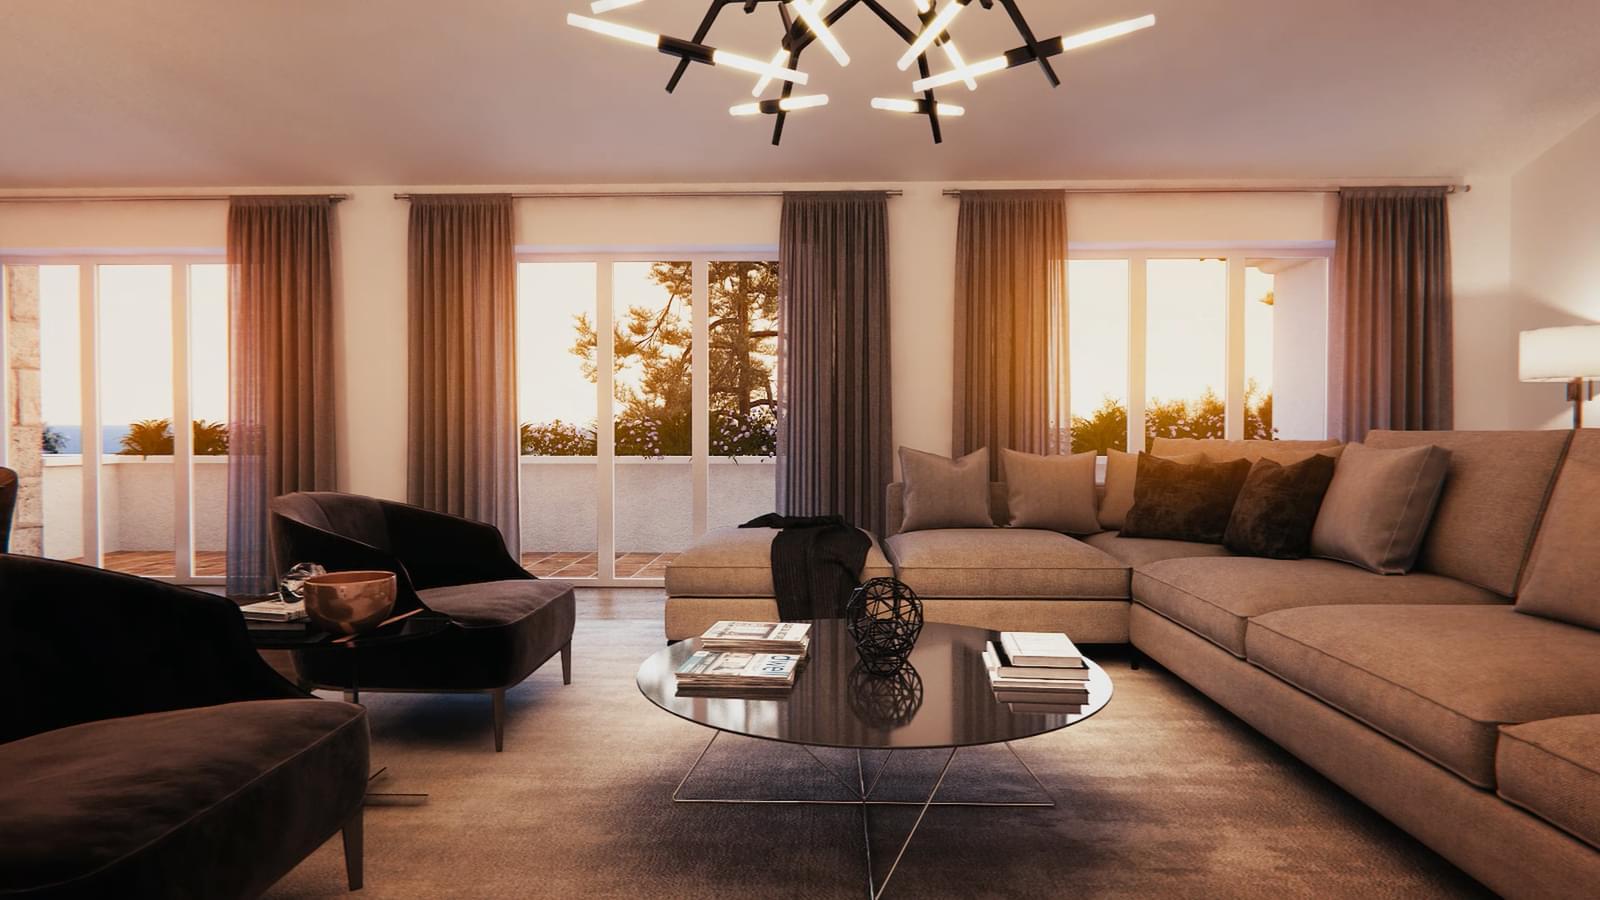 pf17059-apartamento-t2-1-cascais-474b8e02-b9b2-488a-8ca2-44da24652cad